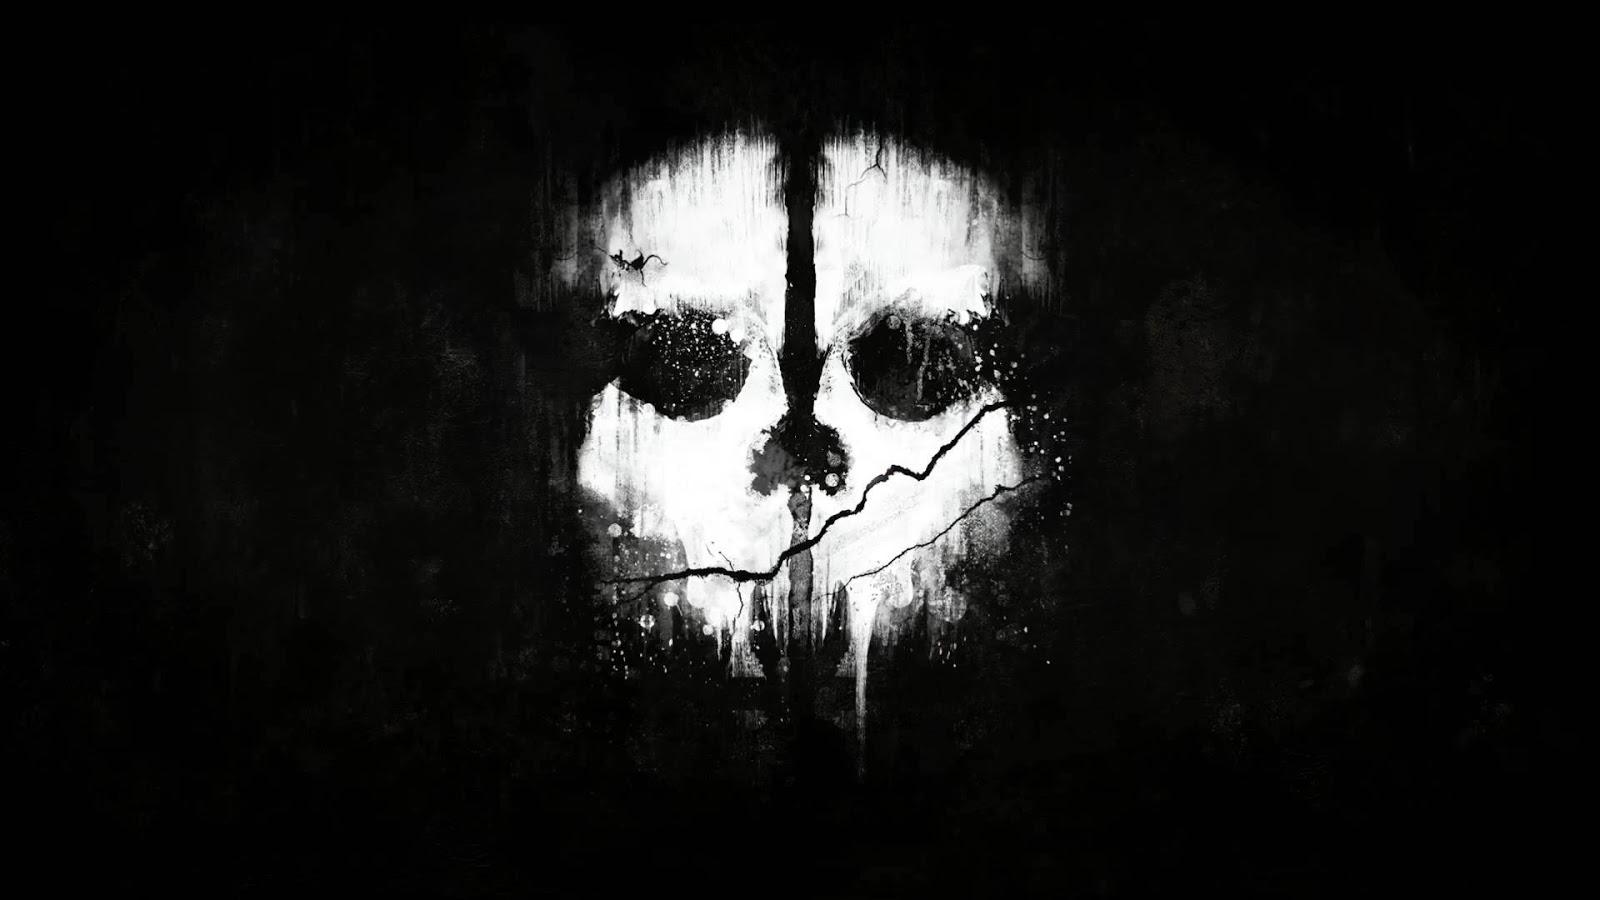 gamer wallpaper